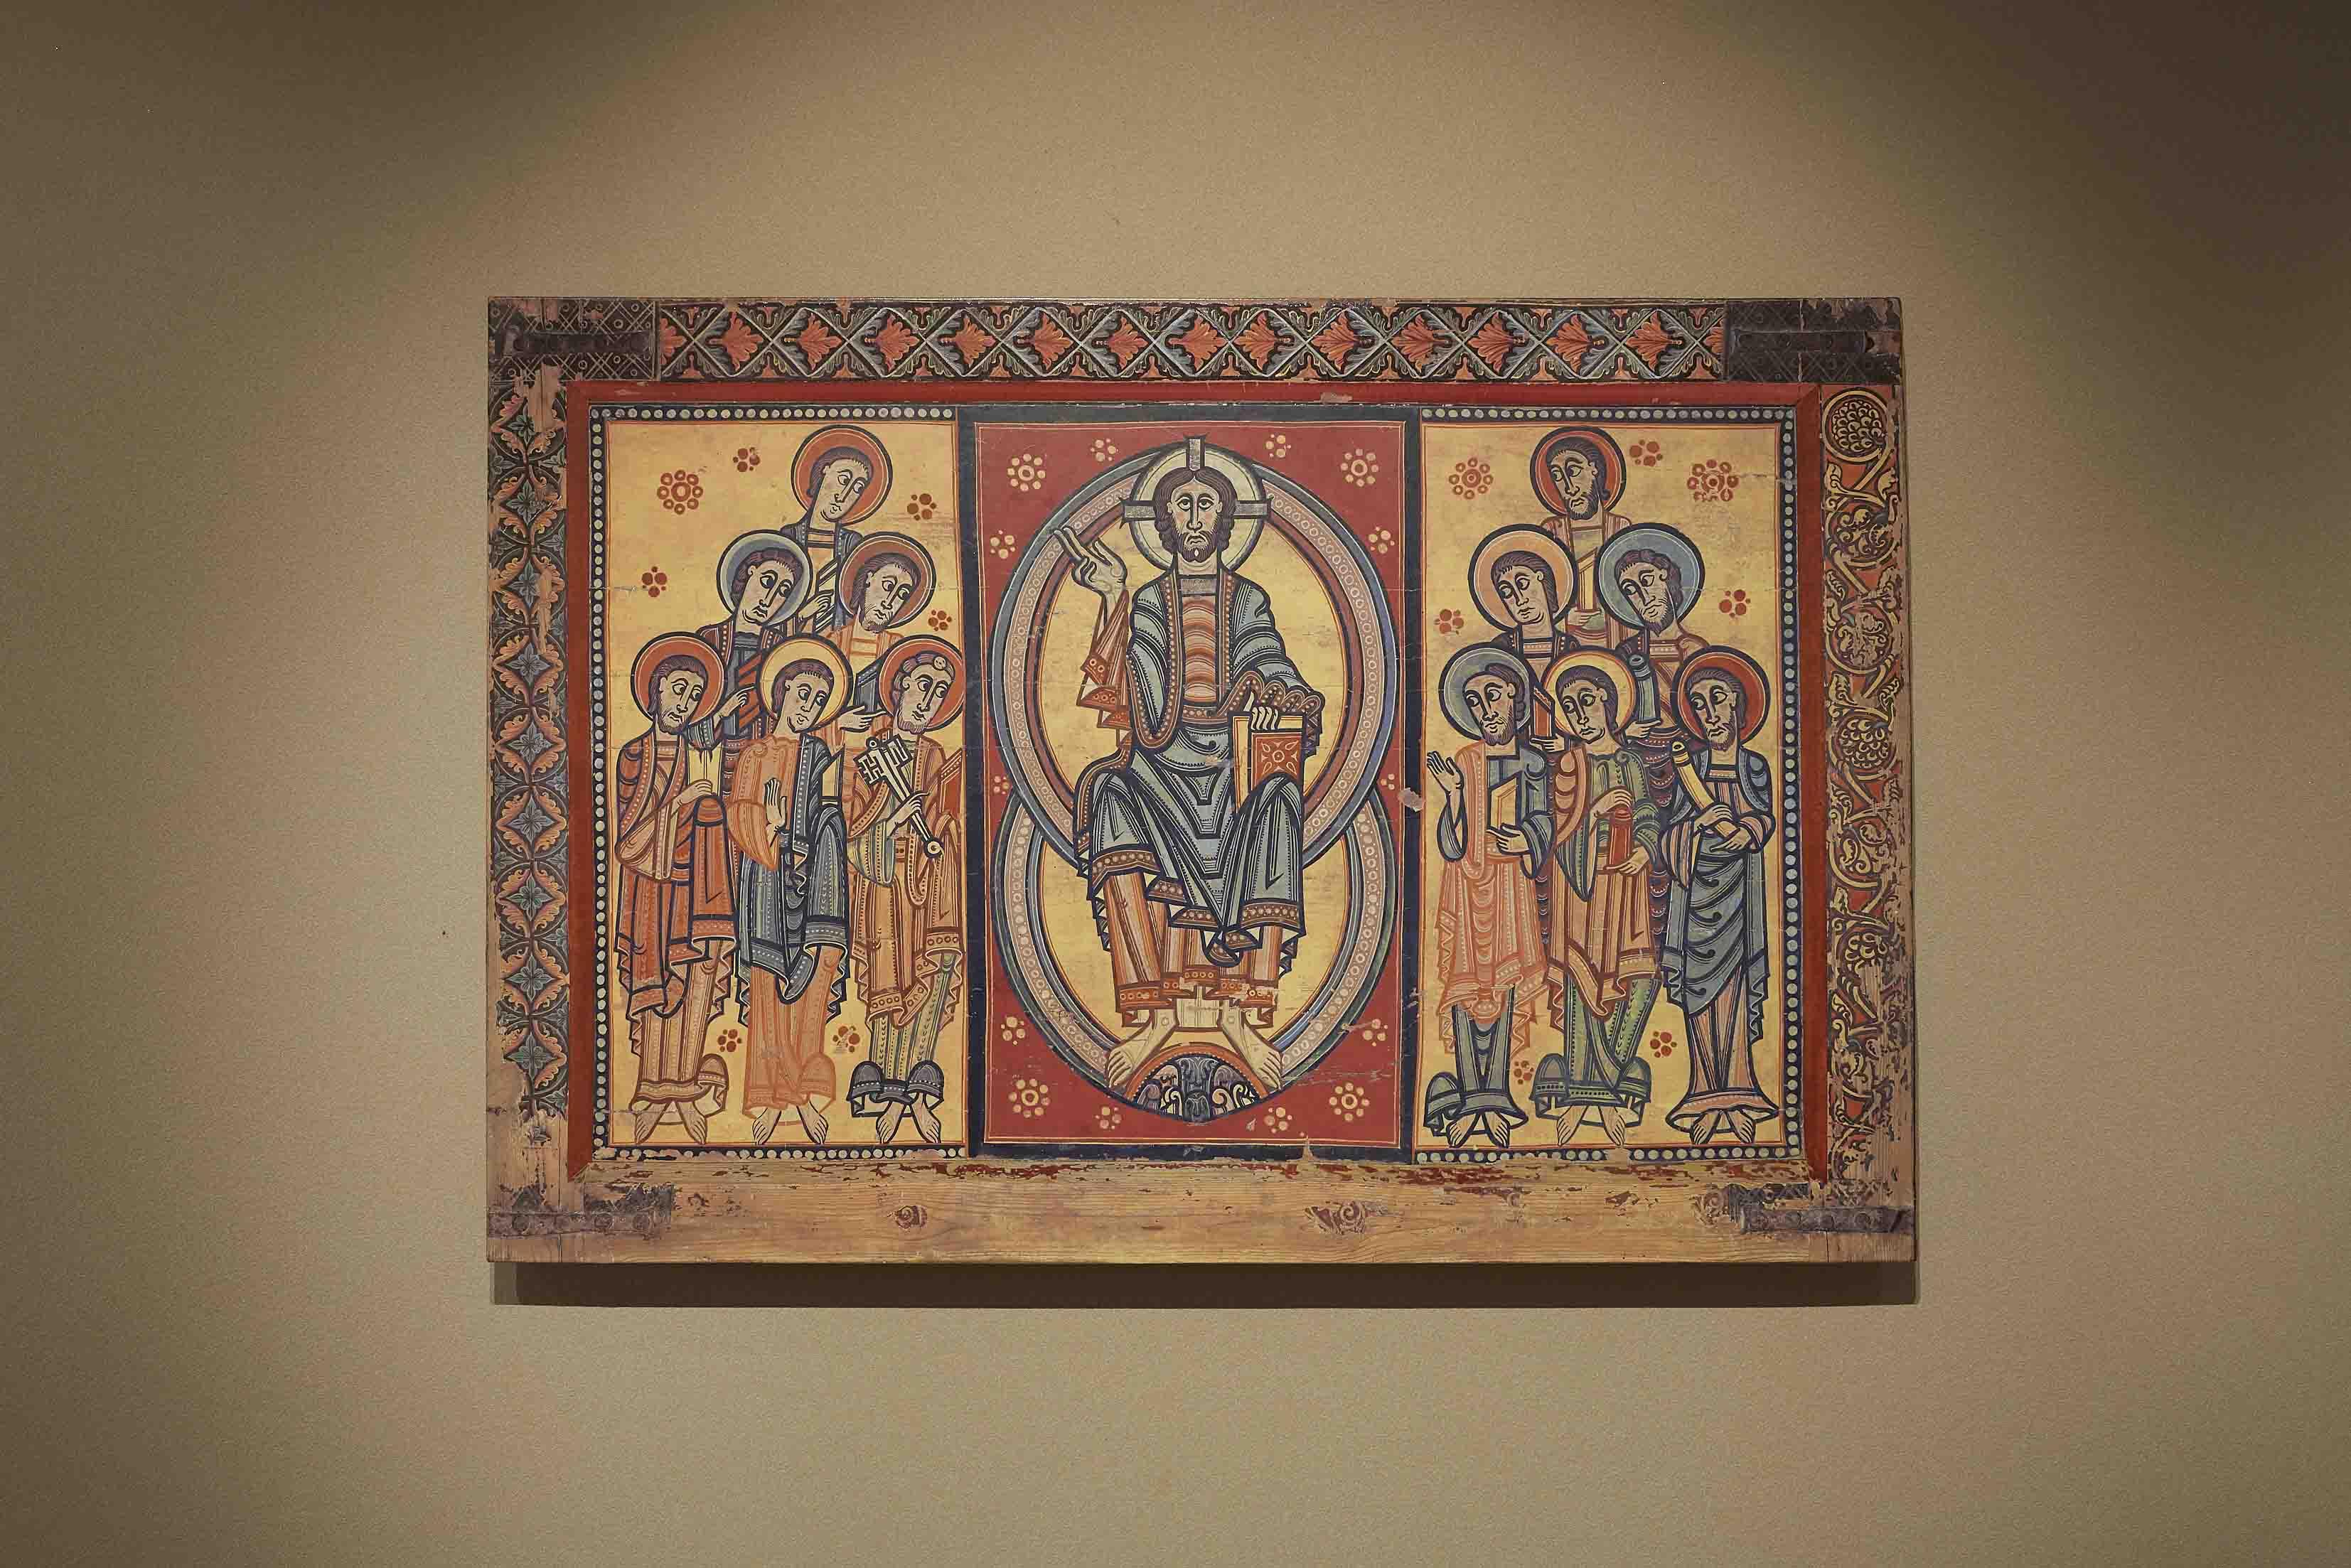 「キリストと十二使徒の祭壇前飾り」 カタルーニャ美術館 スペイン